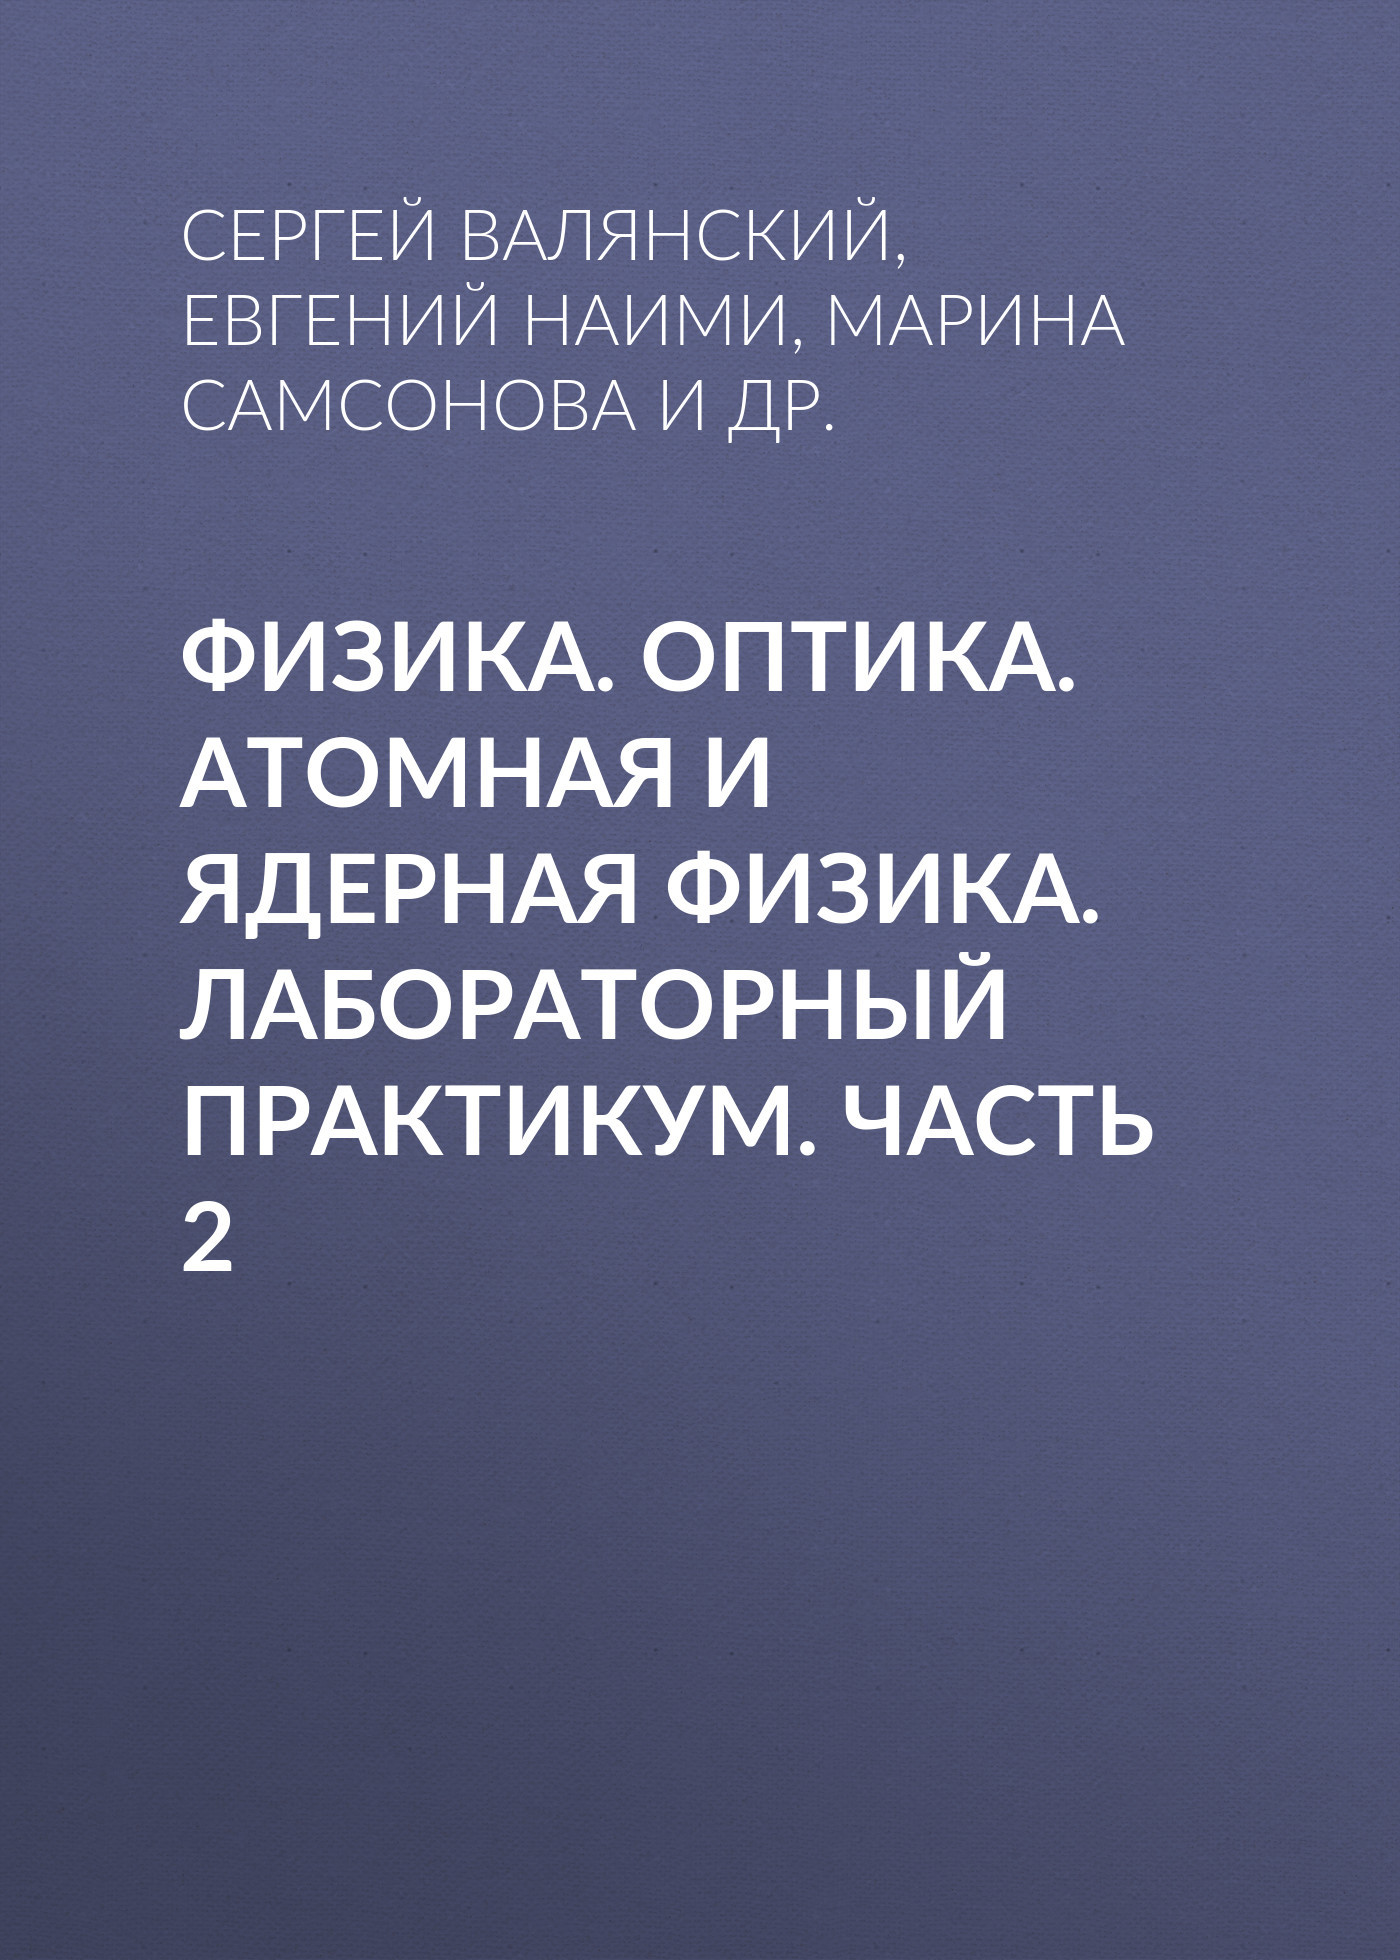 Сергей Валянский. Физика. Оптика. Атомная и ядерная физика. Лабораторный практикум. Часть 2